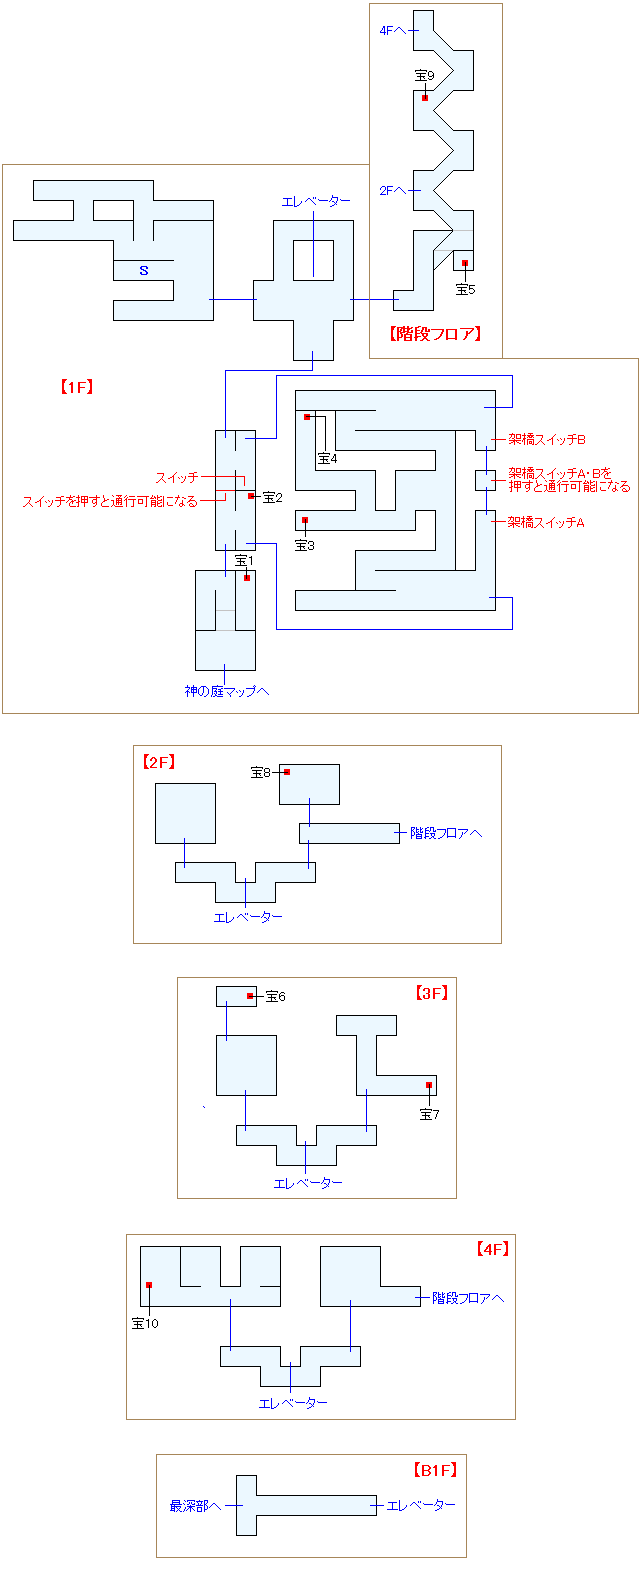 時間要塞・クロノポリスマップ